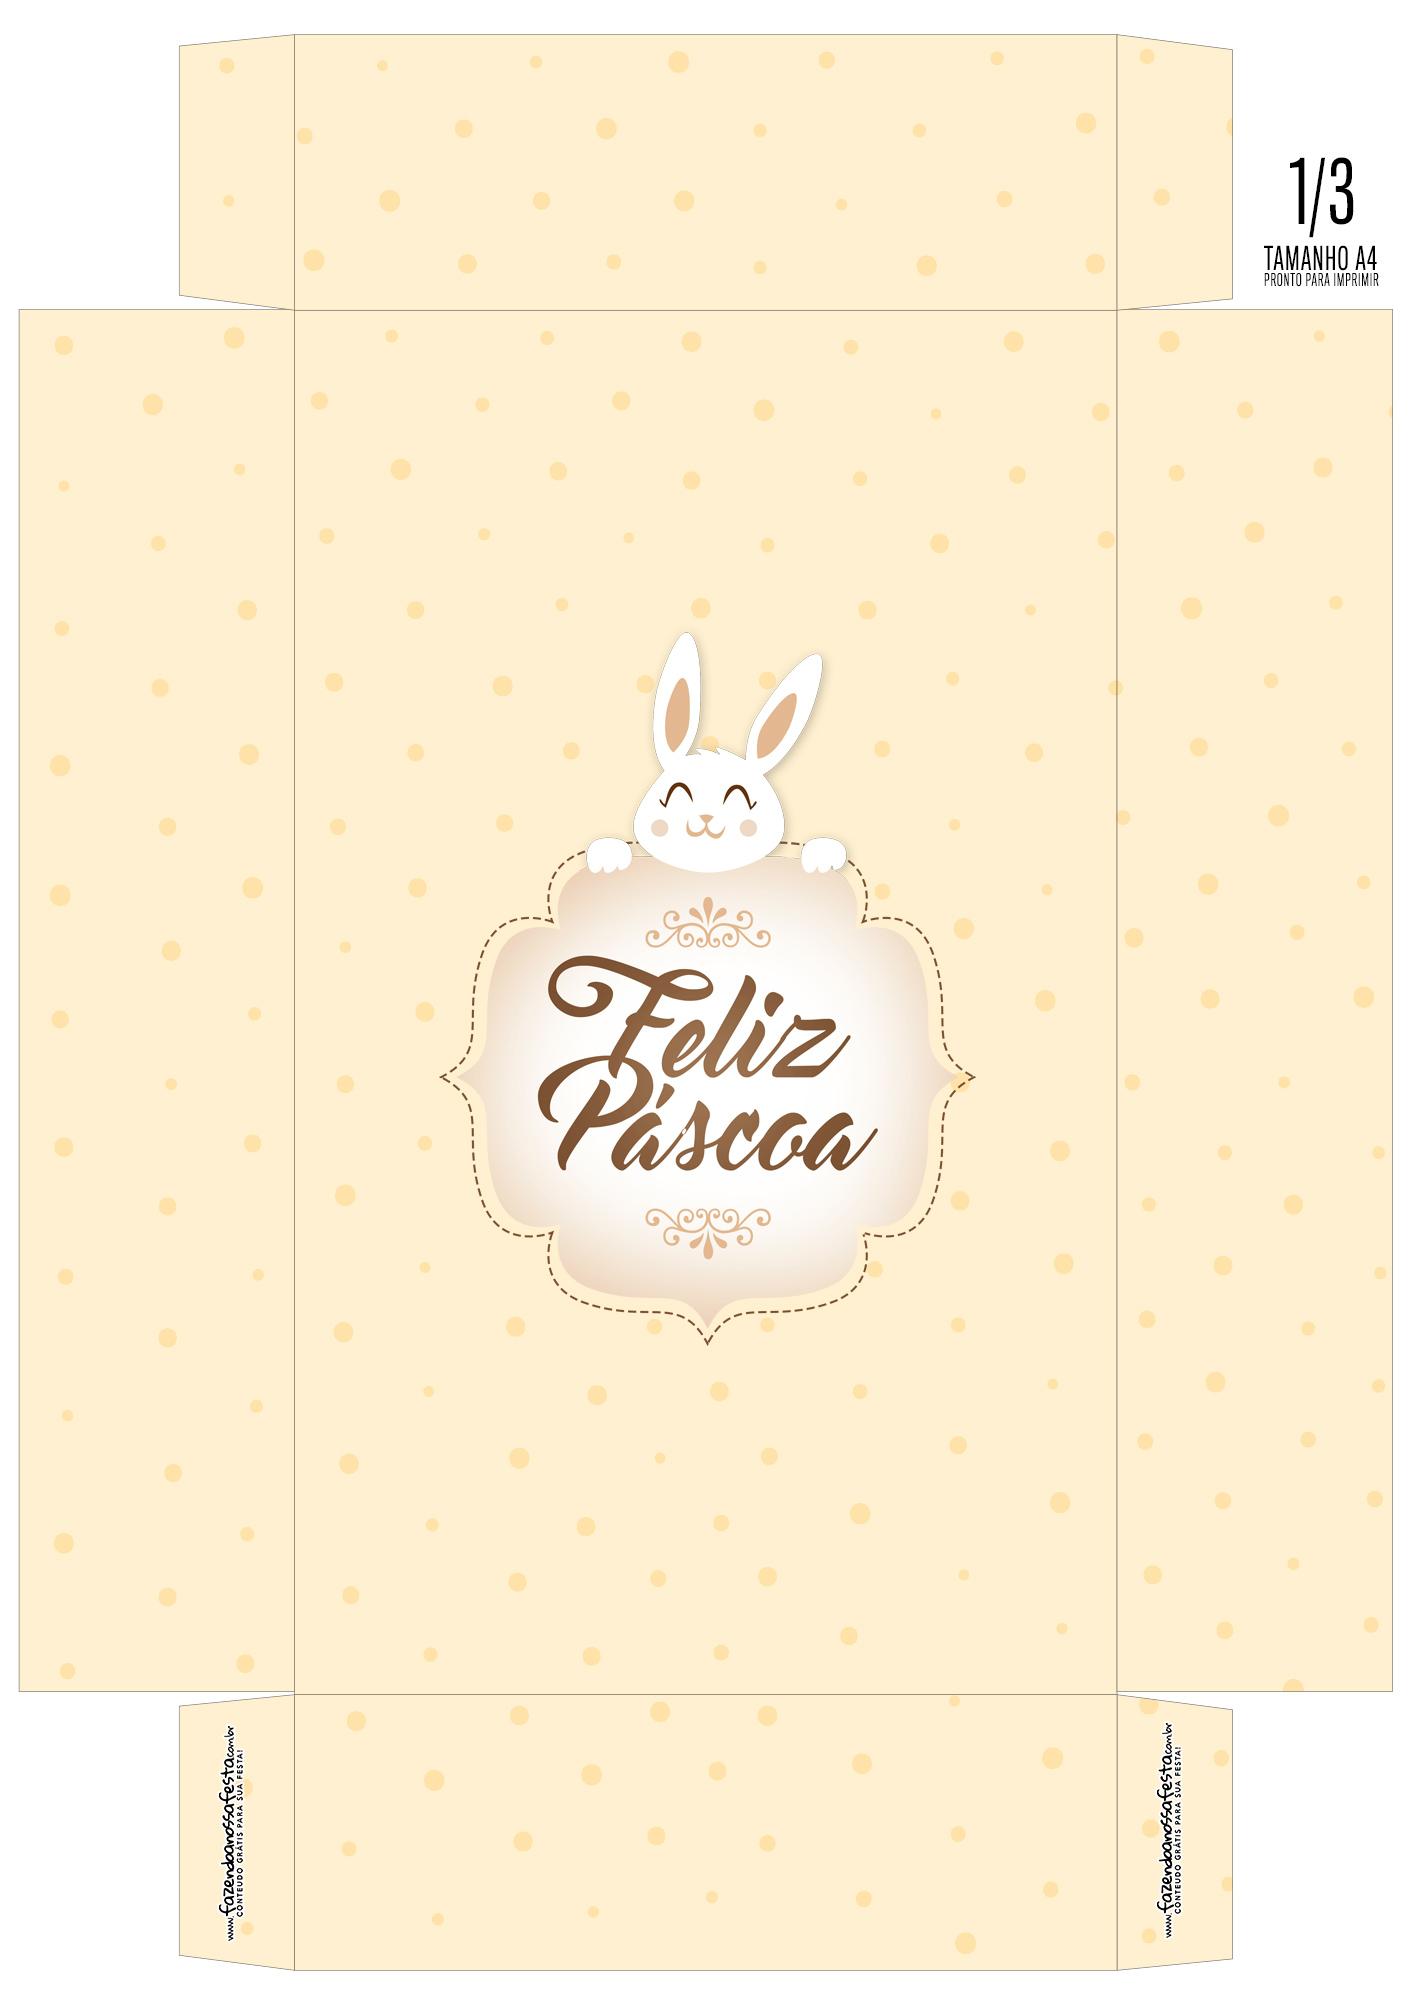 Caixa Ovo de Pascoa 16-2